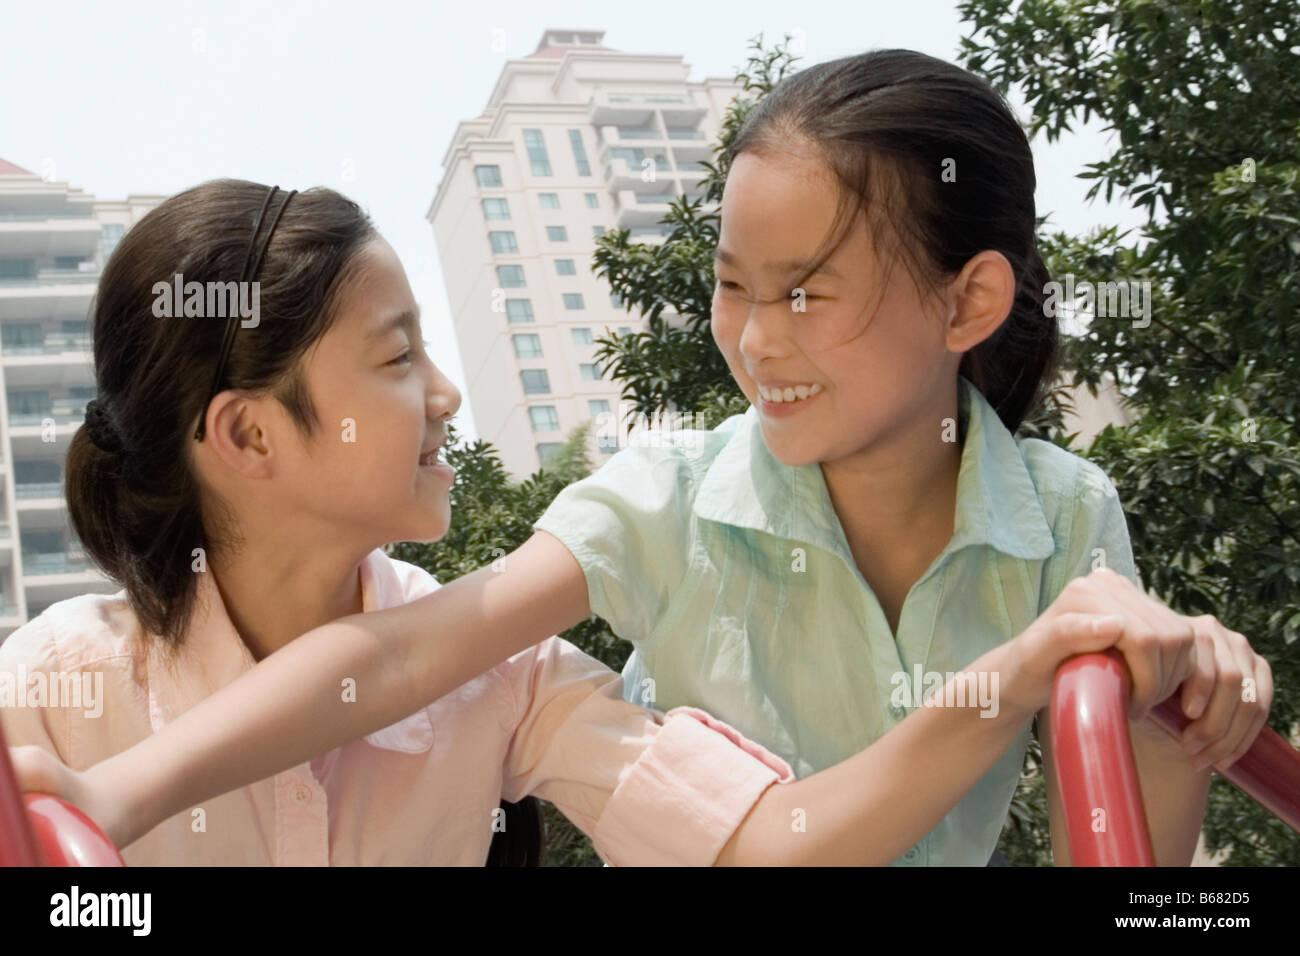 Jeune fille et sa sœur jouant sur un manège Photo Stock